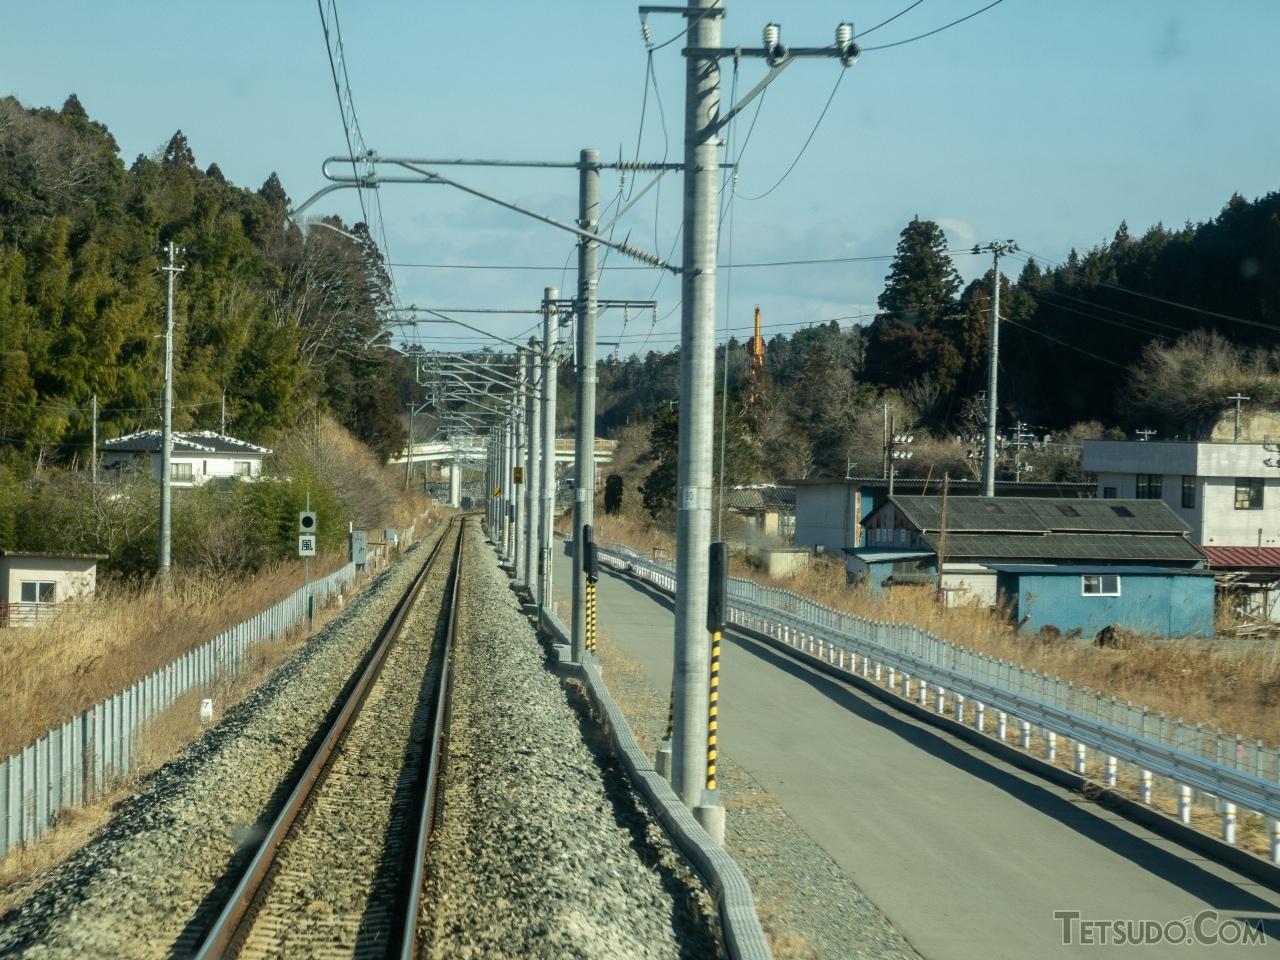 かつて複線だった大野〜双葉間は、旧上り線が非常用の通路に変わった